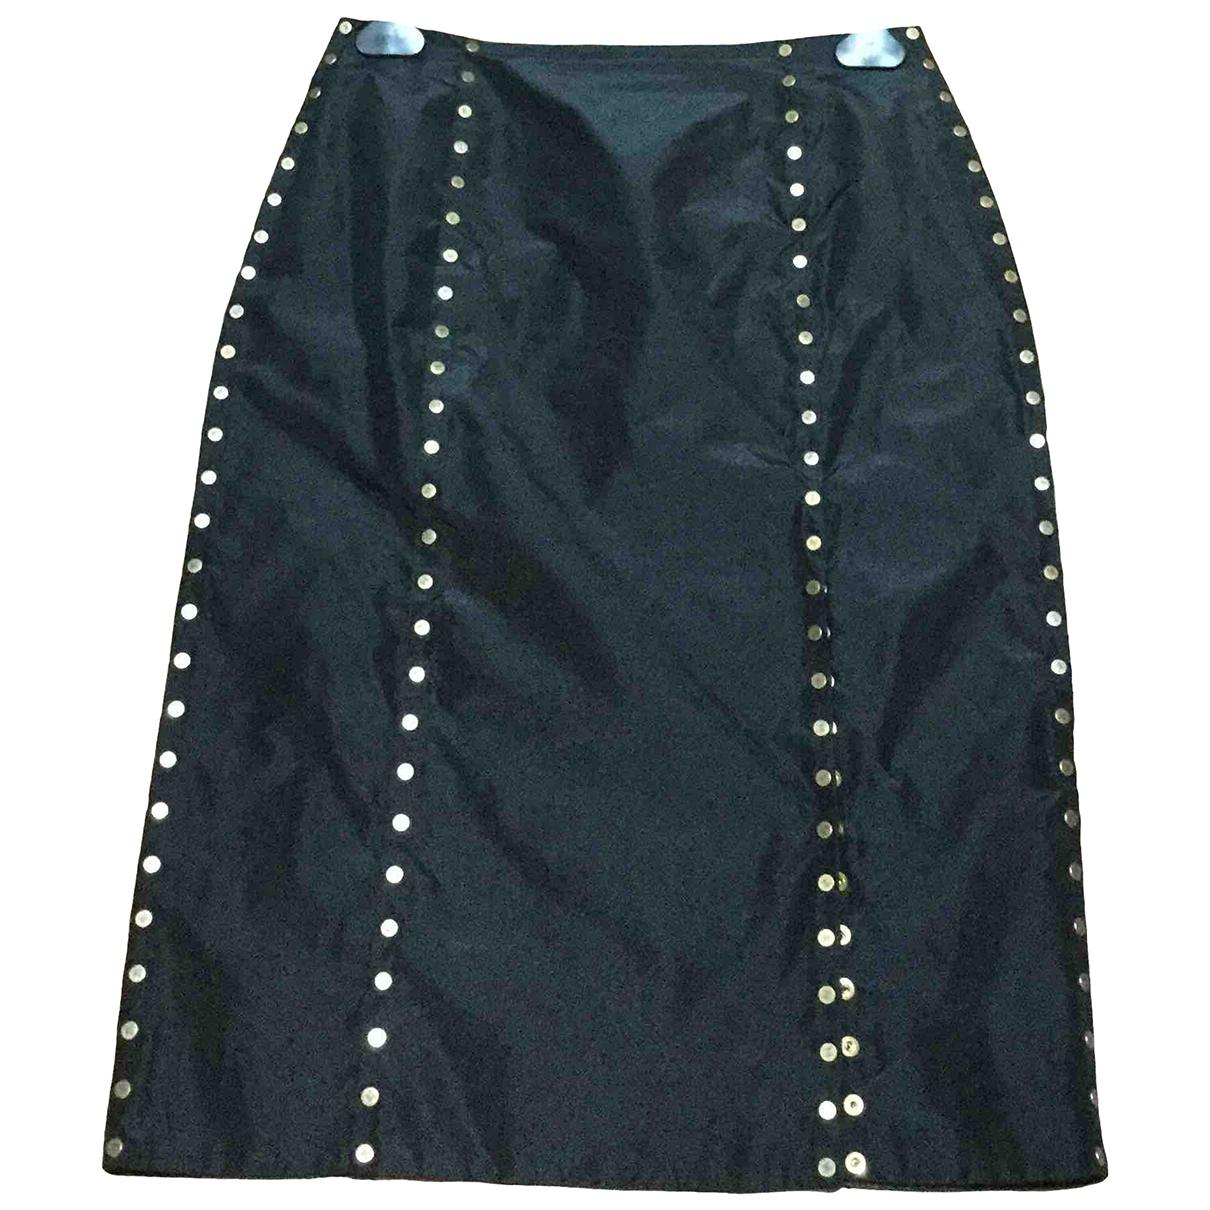 Celine \N Black Silk skirt for Women 36 FR